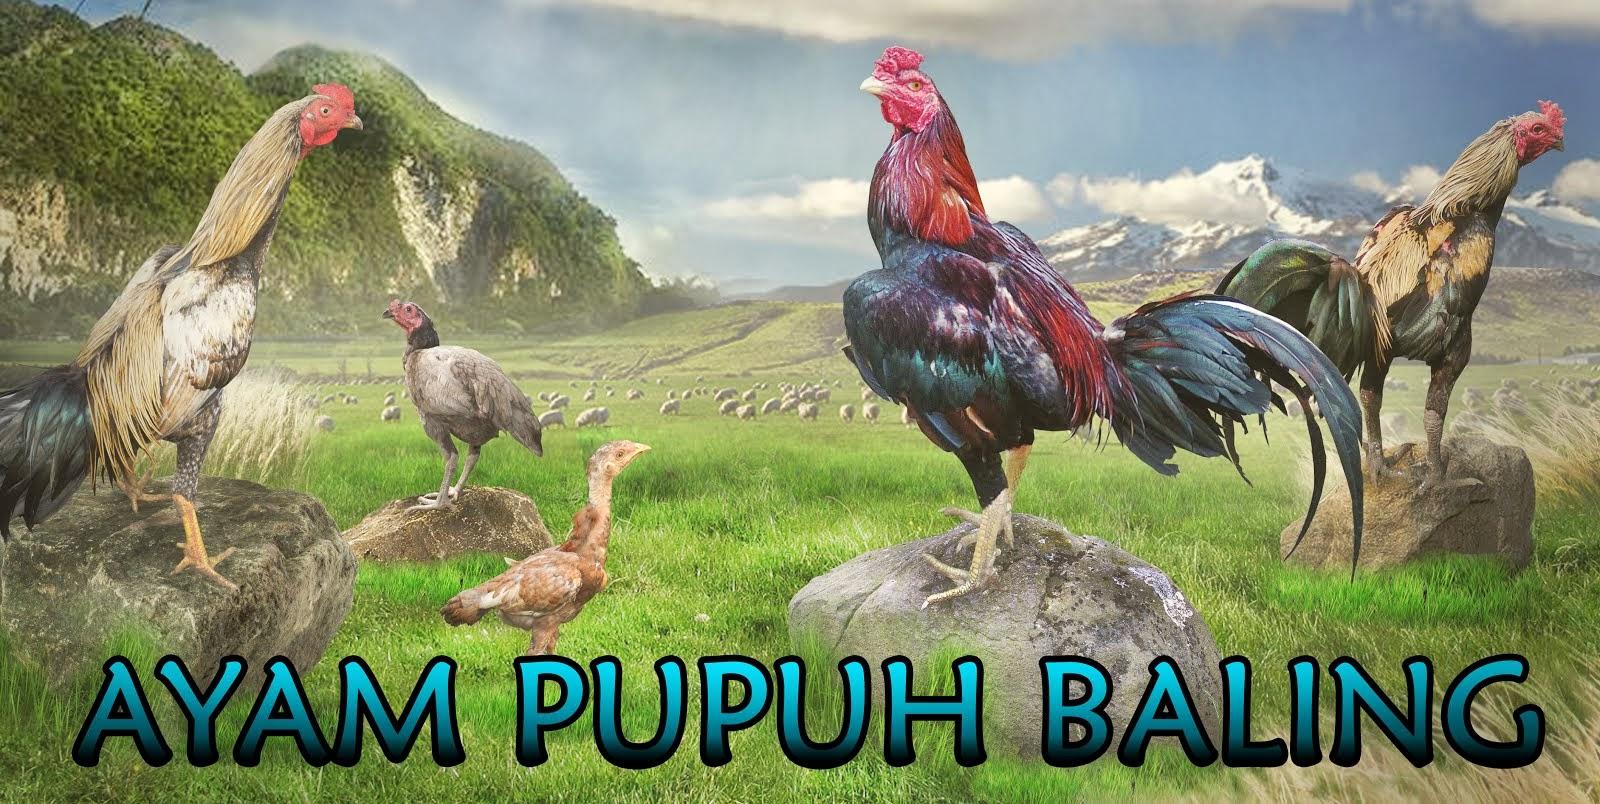 AYAM PUPUH BALING